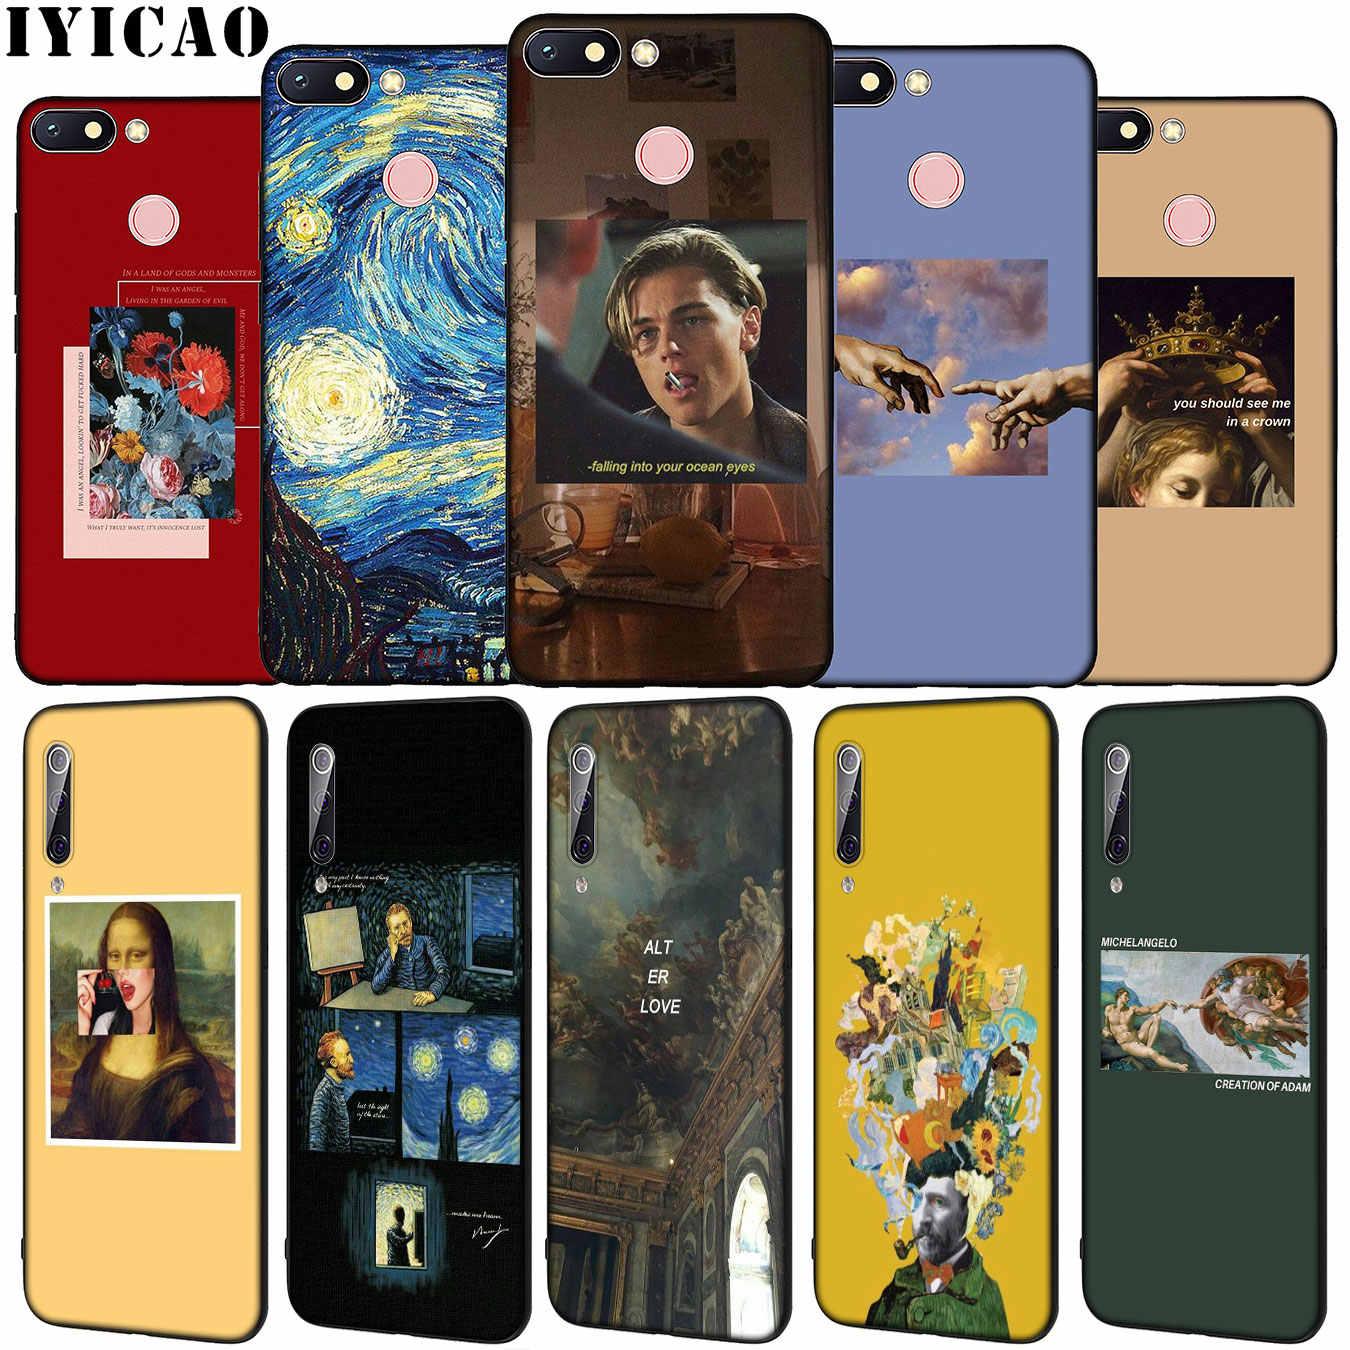 アート美的ゴッホモナリザソフトシリコーン電話ケース xiaomi Redmi 8A 7A 6A 5A K20 S2 4A 4X 注 8 7 6 プロ 5 プラスカバー